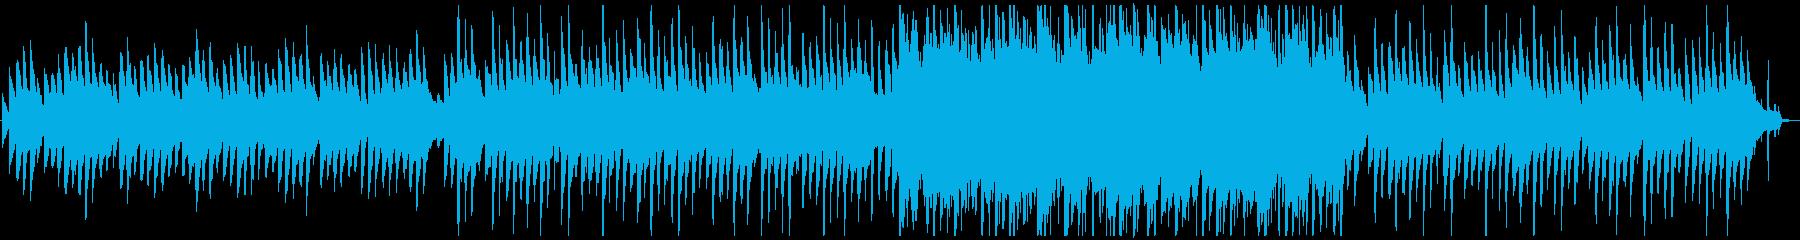 ピアノに合わせたシンセの旋律が哀愁的な曲の再生済みの波形